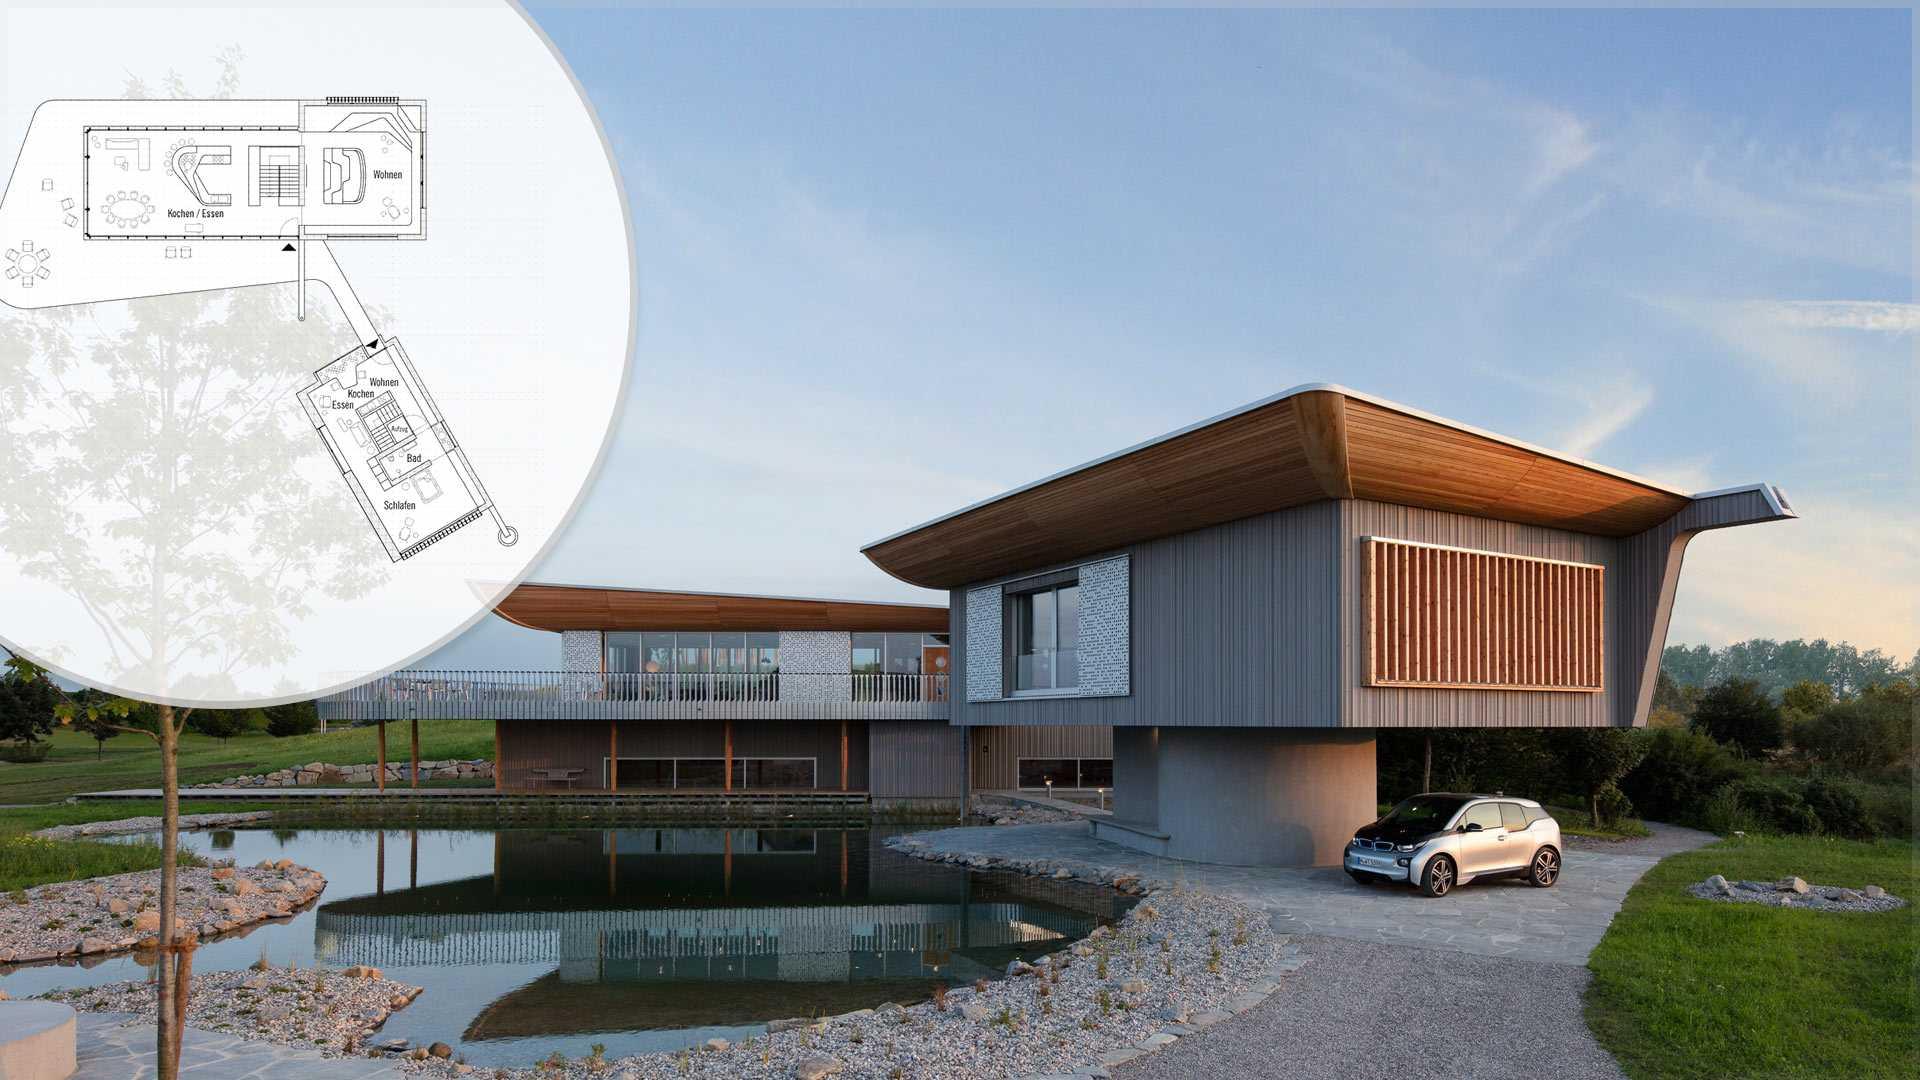 ᐅ Architektenhaus bauen: Häuser, Anbieter & Preise vergleichen